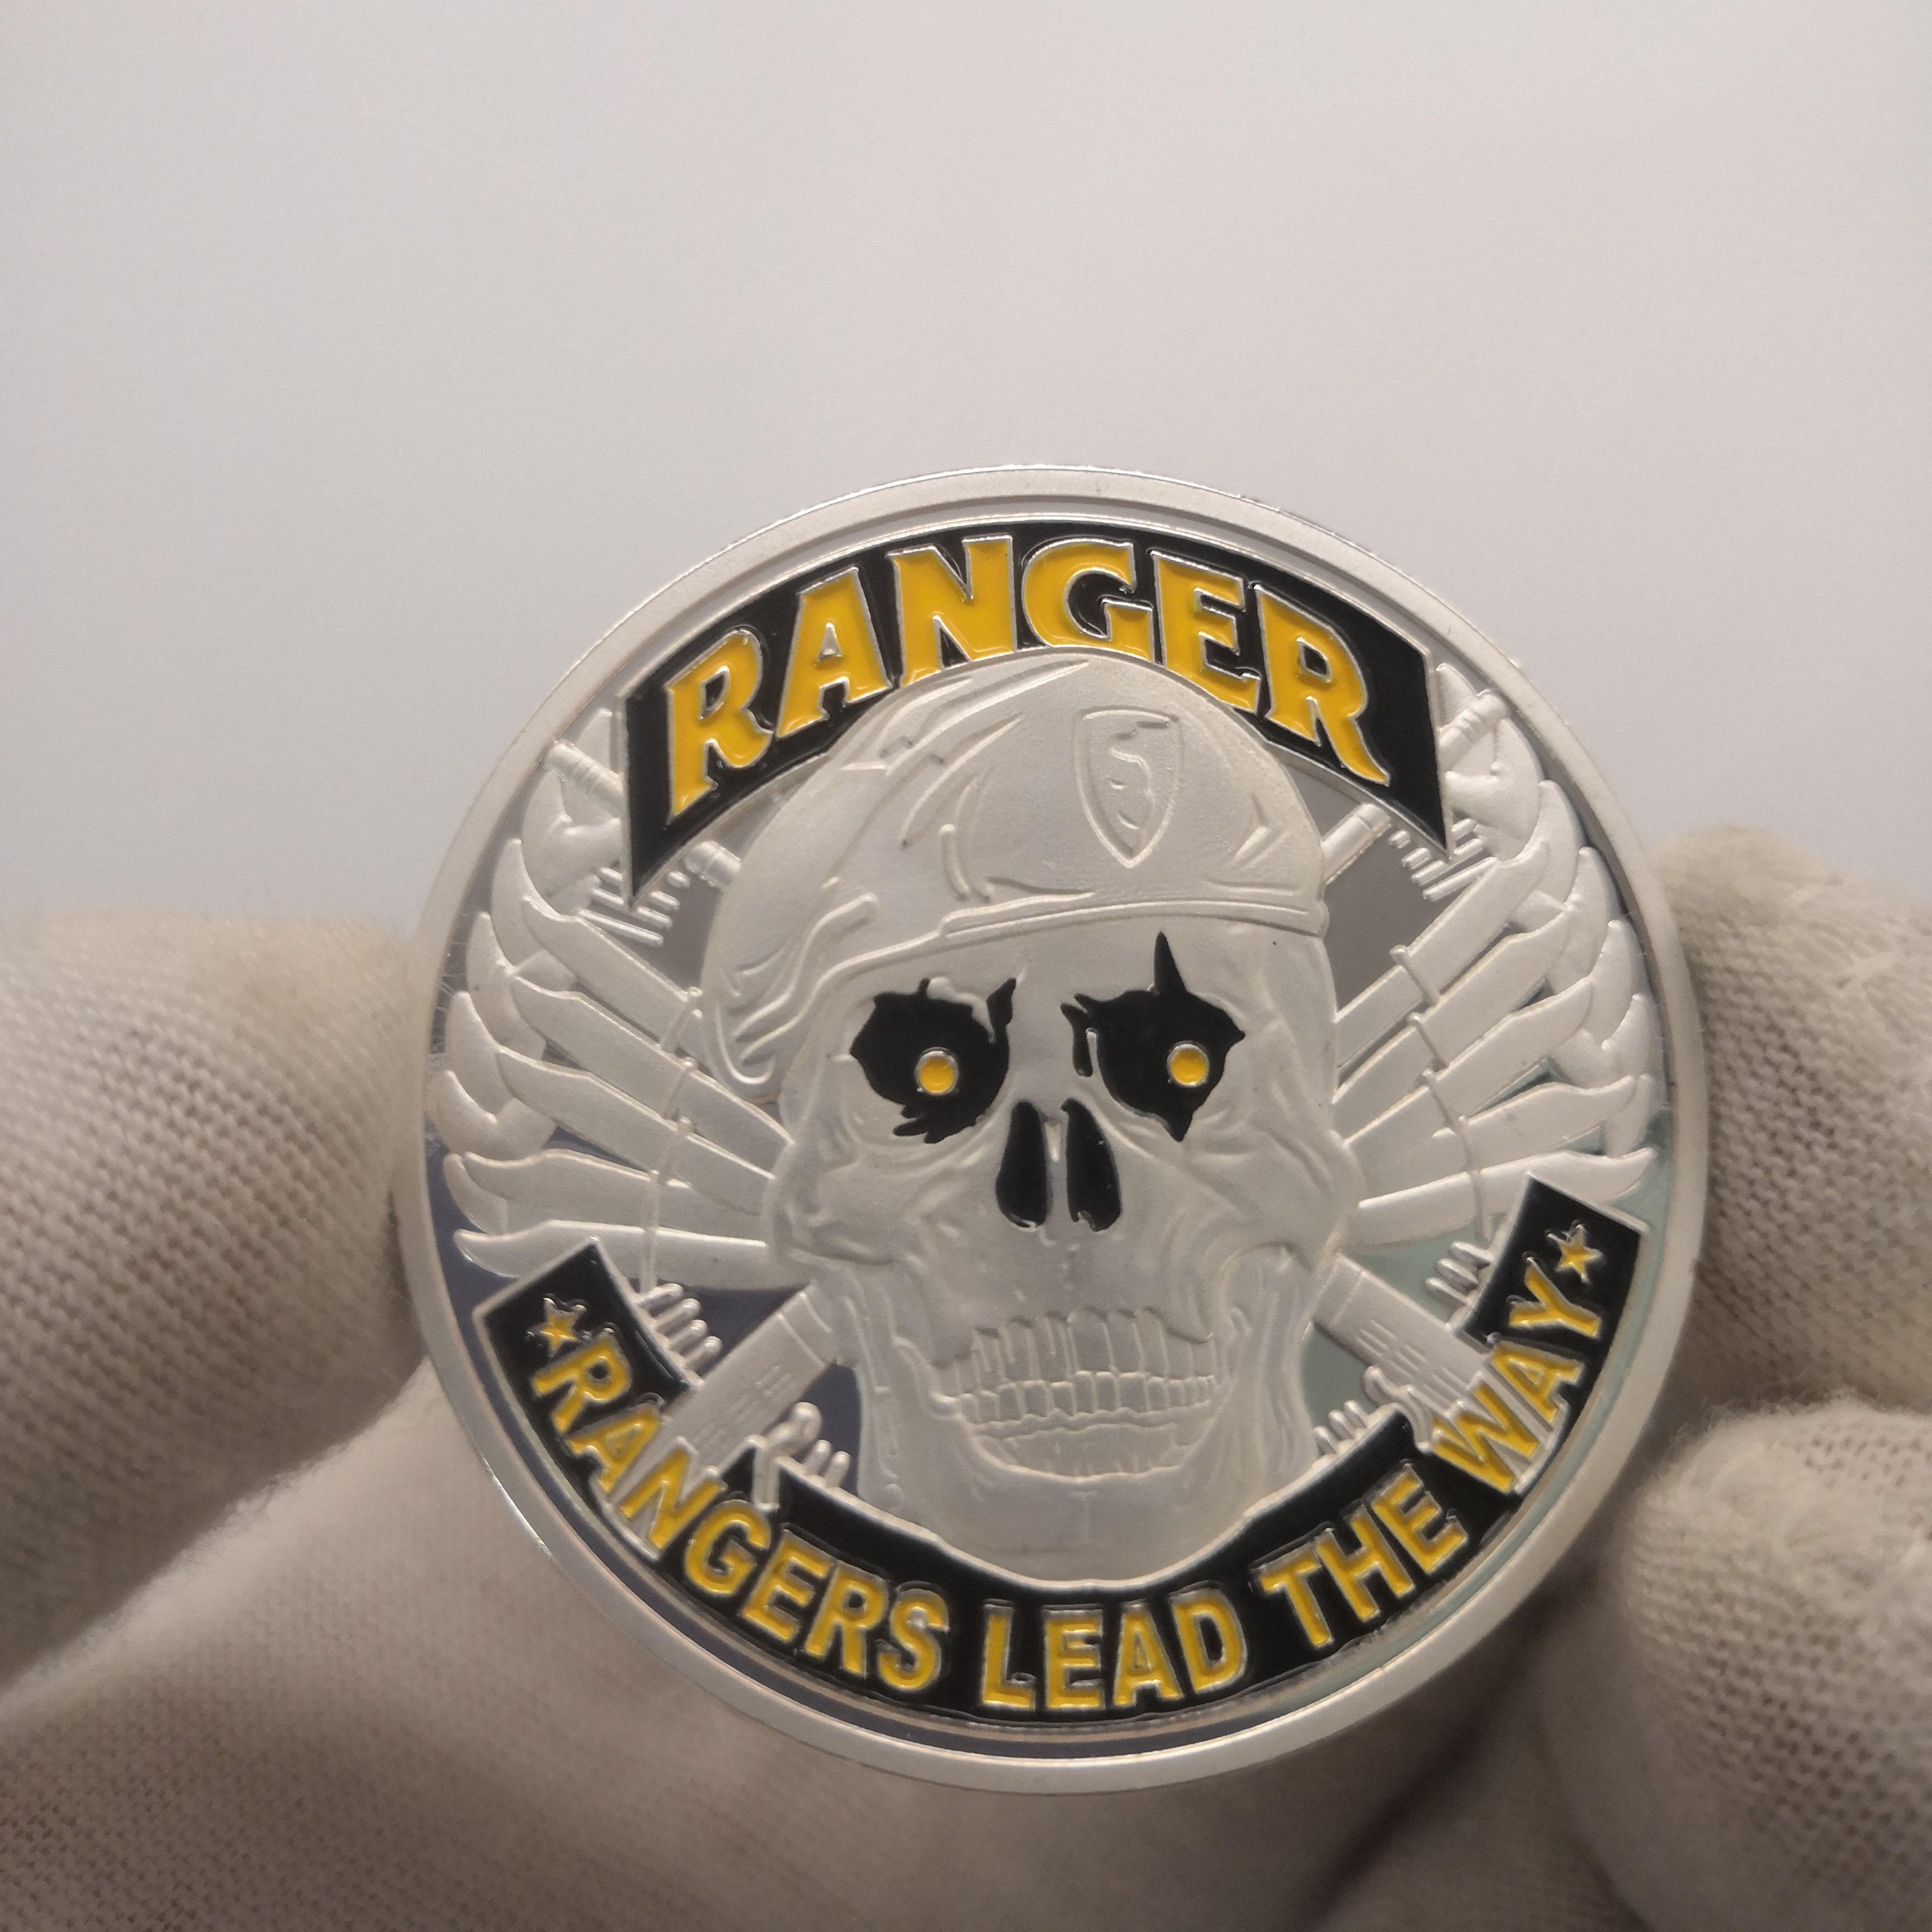 1775 eua departamento do exército ranger prata chapeado moeda comemorativa desafio militar lembrança presente